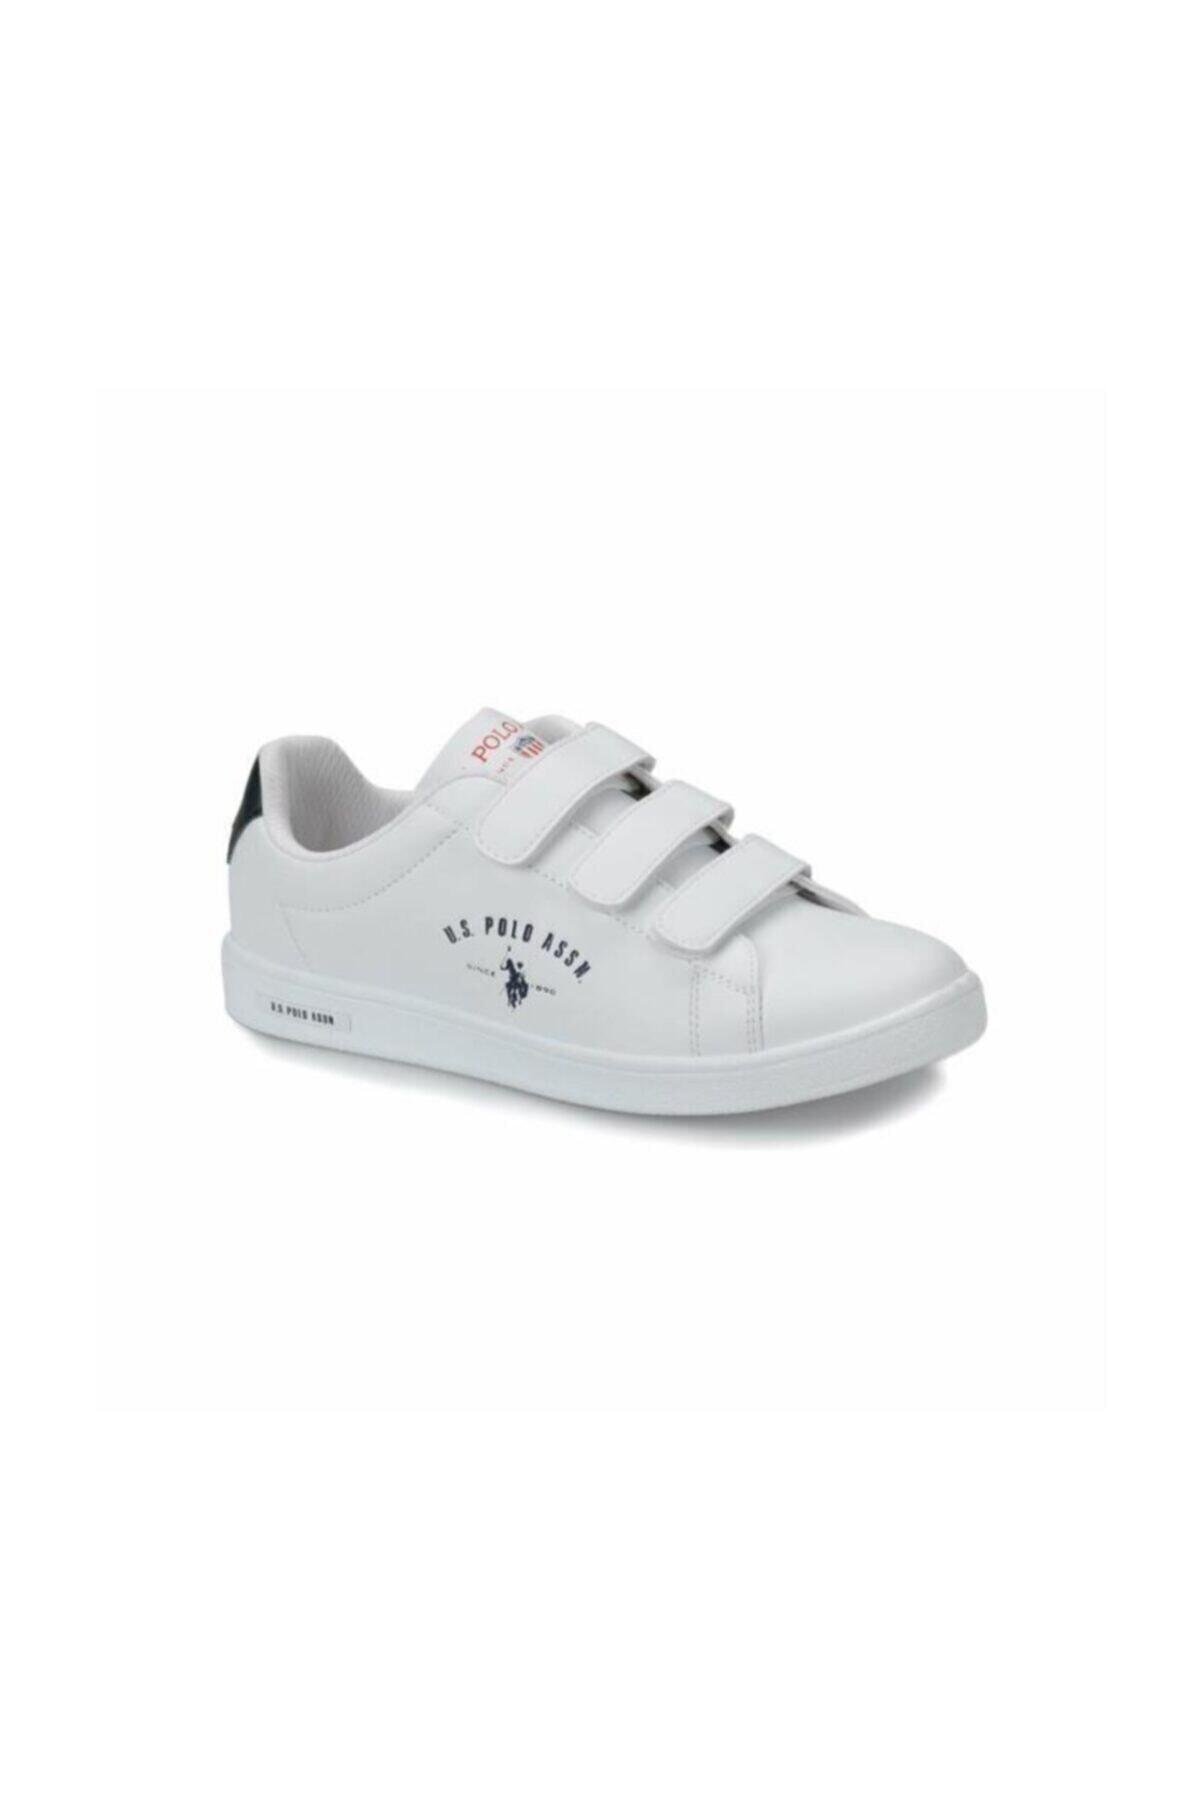 U.S. Polo Assn. SINGER Beyaz Kadın Sneaker Ayakkabı 100279016 1